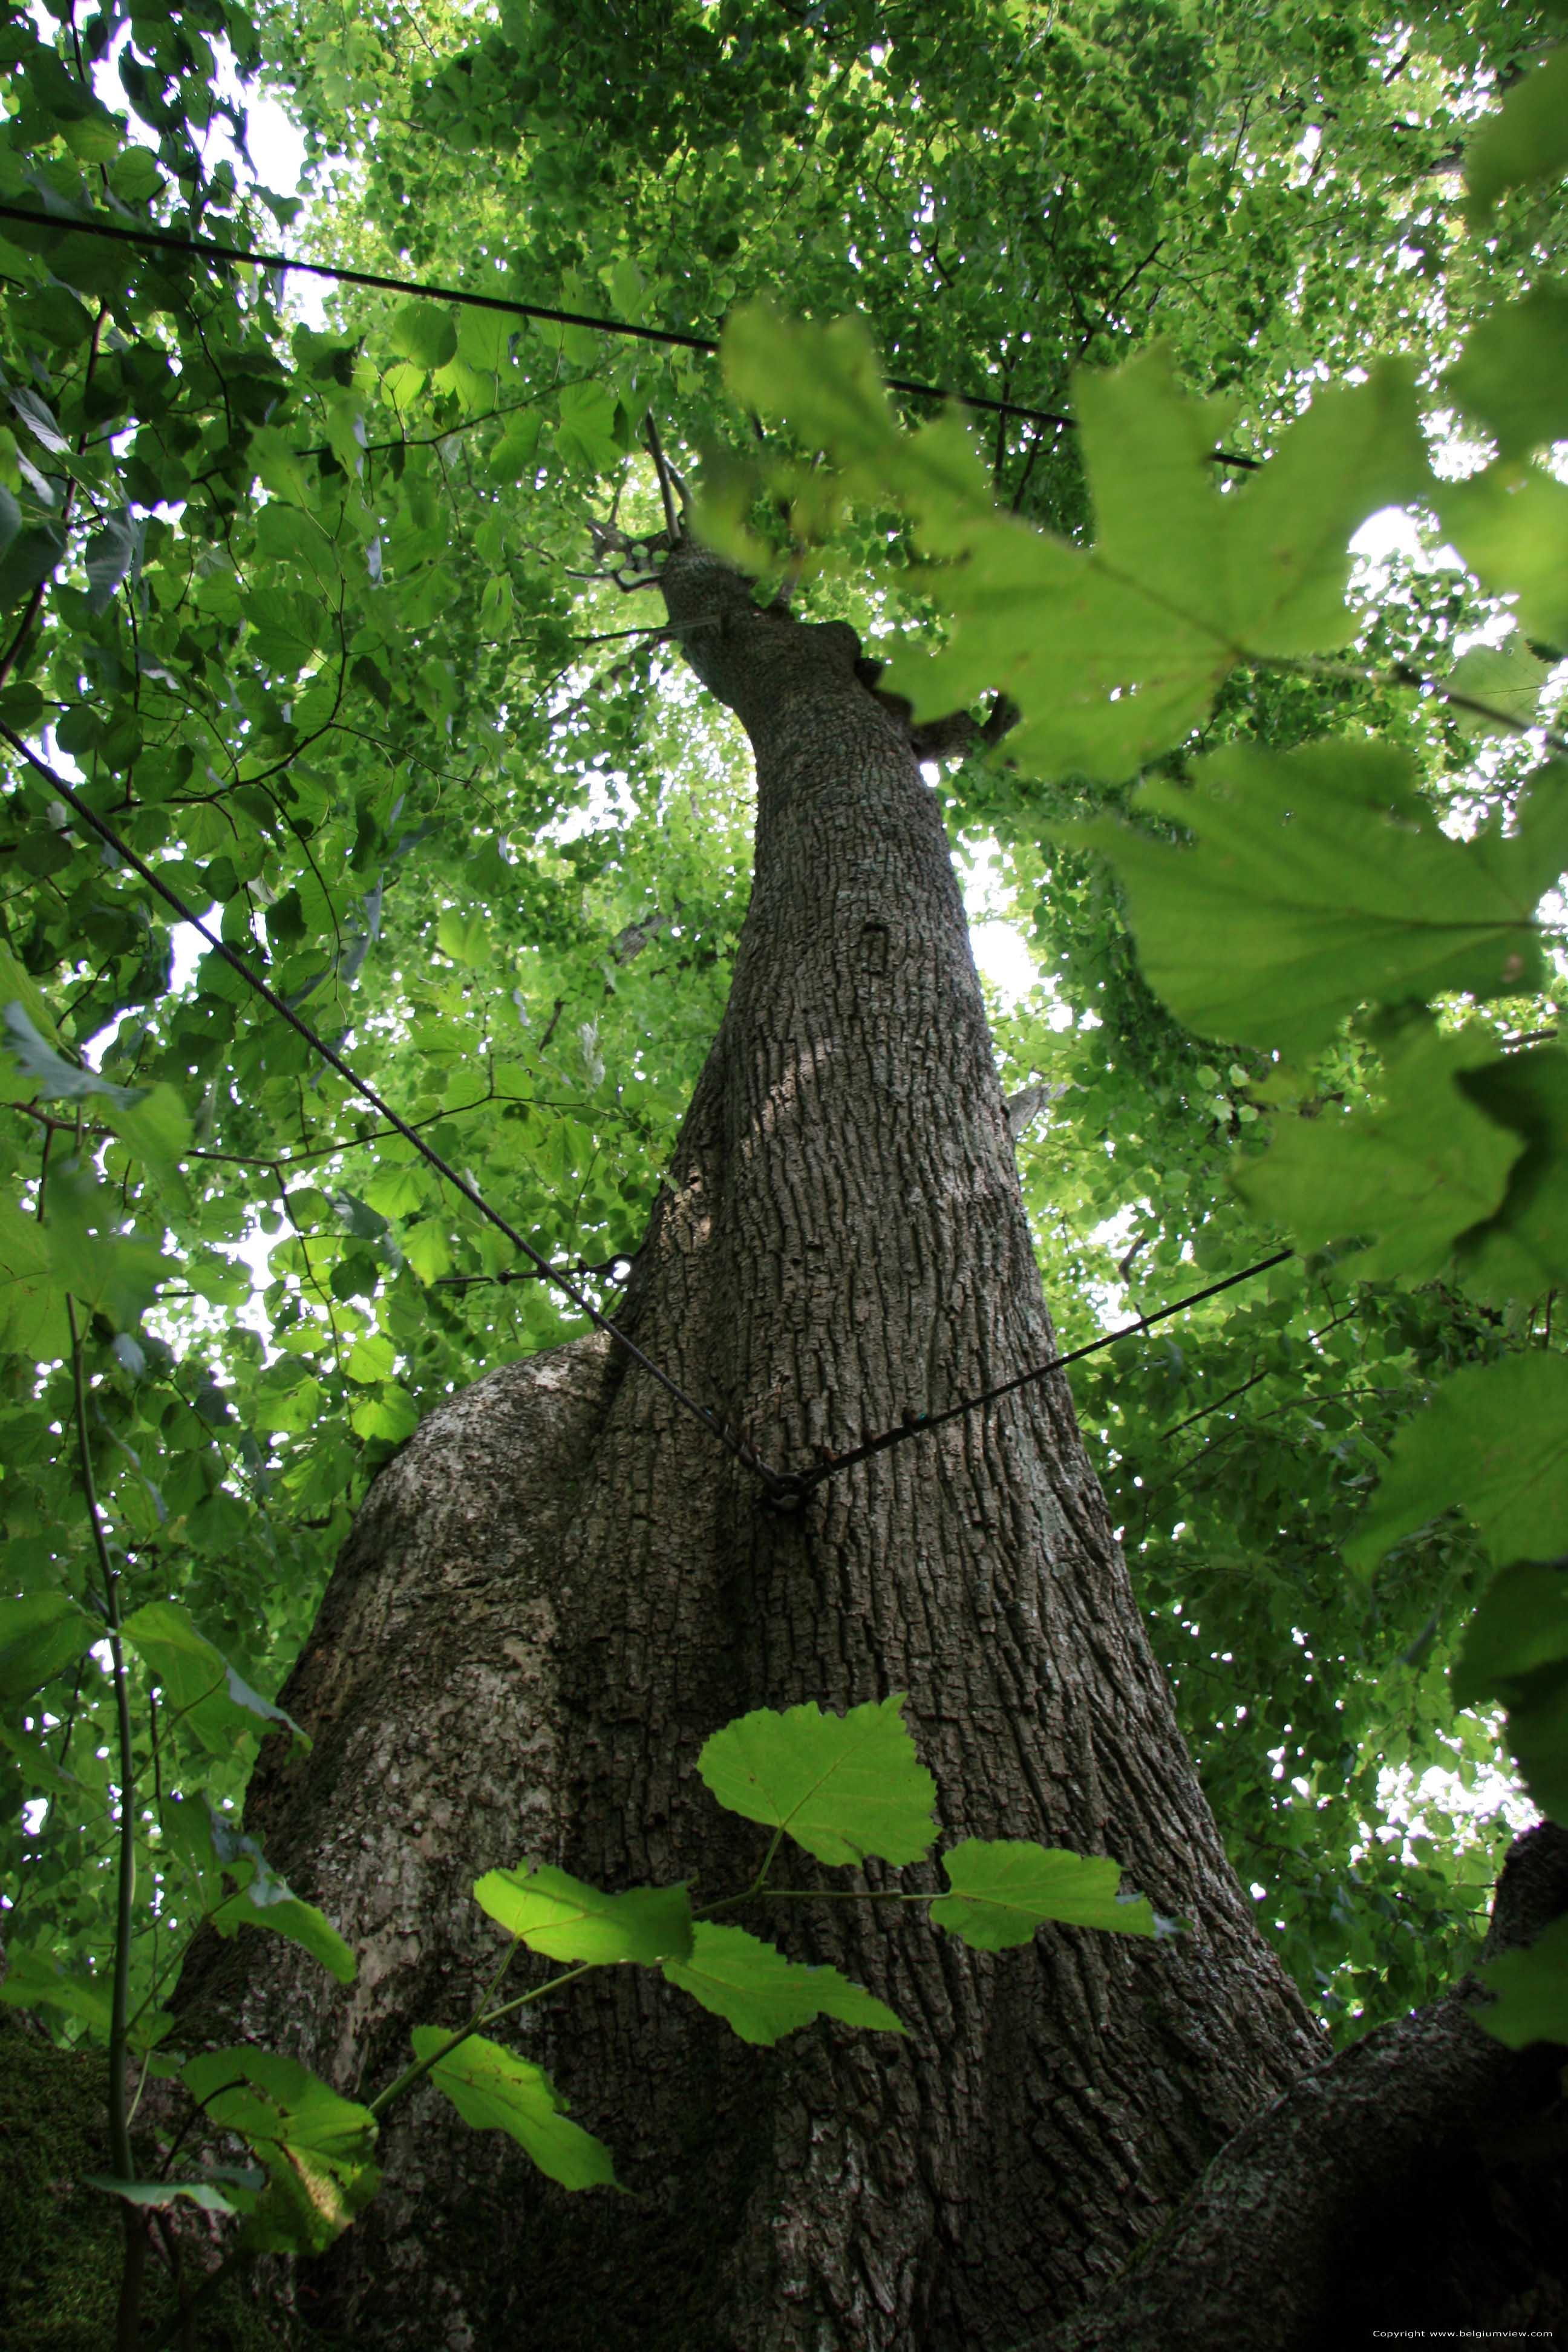 Baraque de conjoux tilleul grandes feuilles namur - Tilleul a grandes feuilles ...